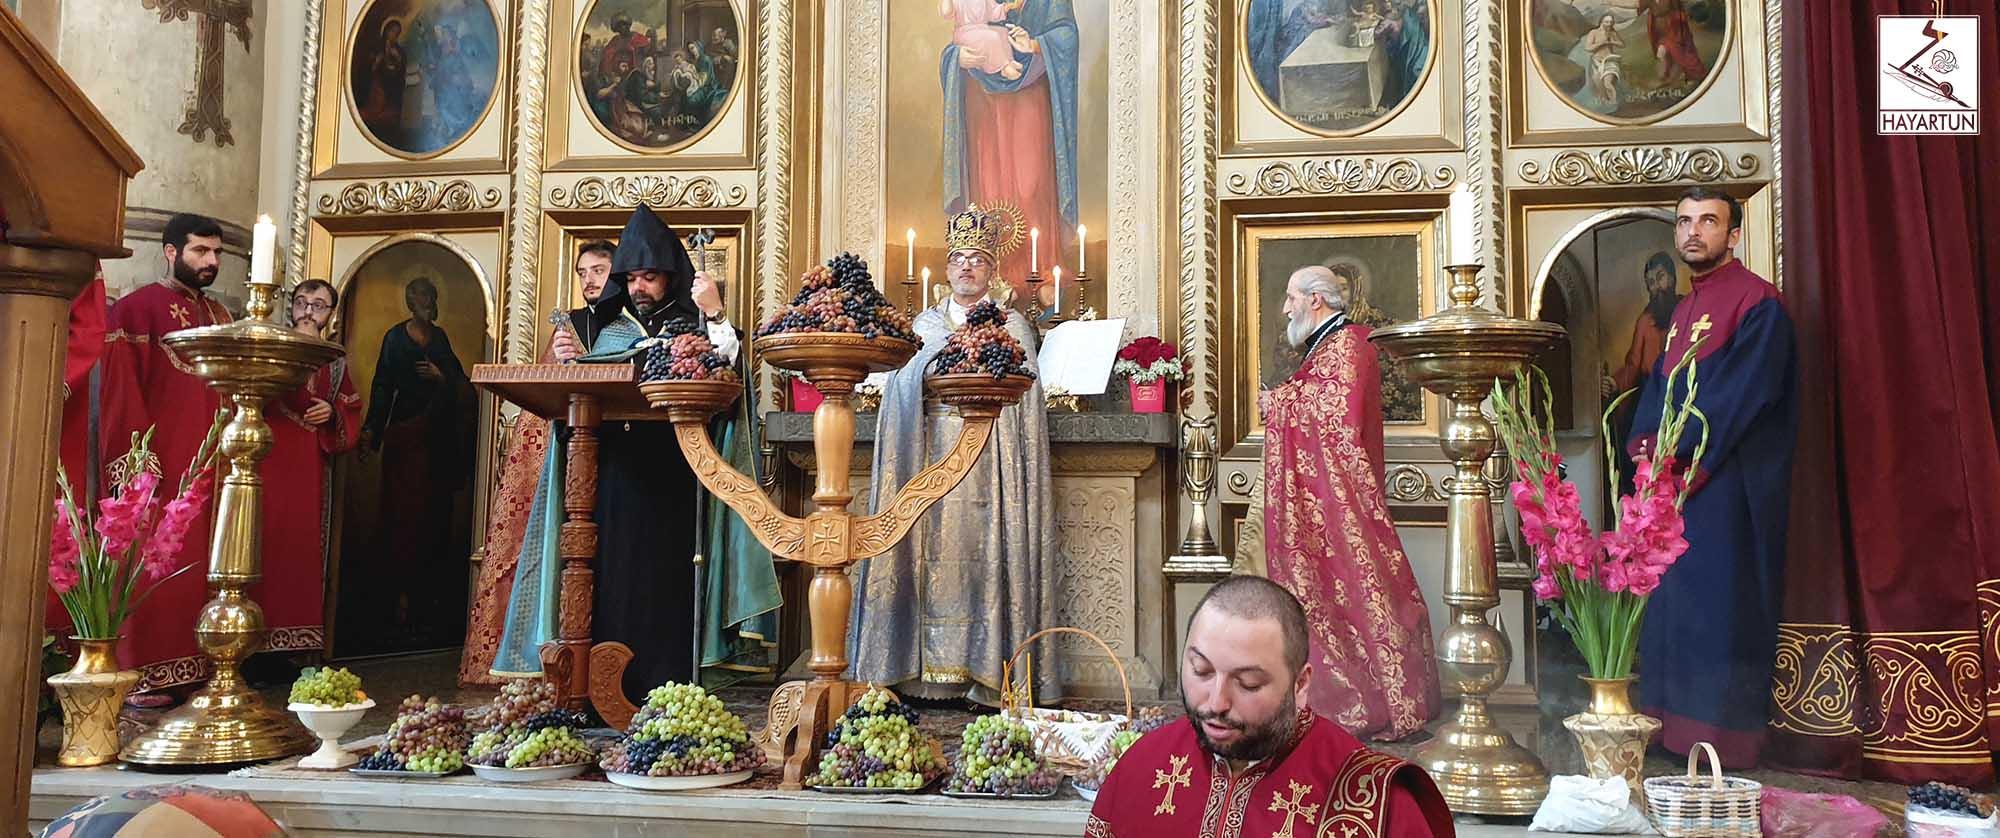 წმინდა ღვთისმშობლის მიძინების დღესასწაული საქართველოს სომეხთა ეპარქიაში